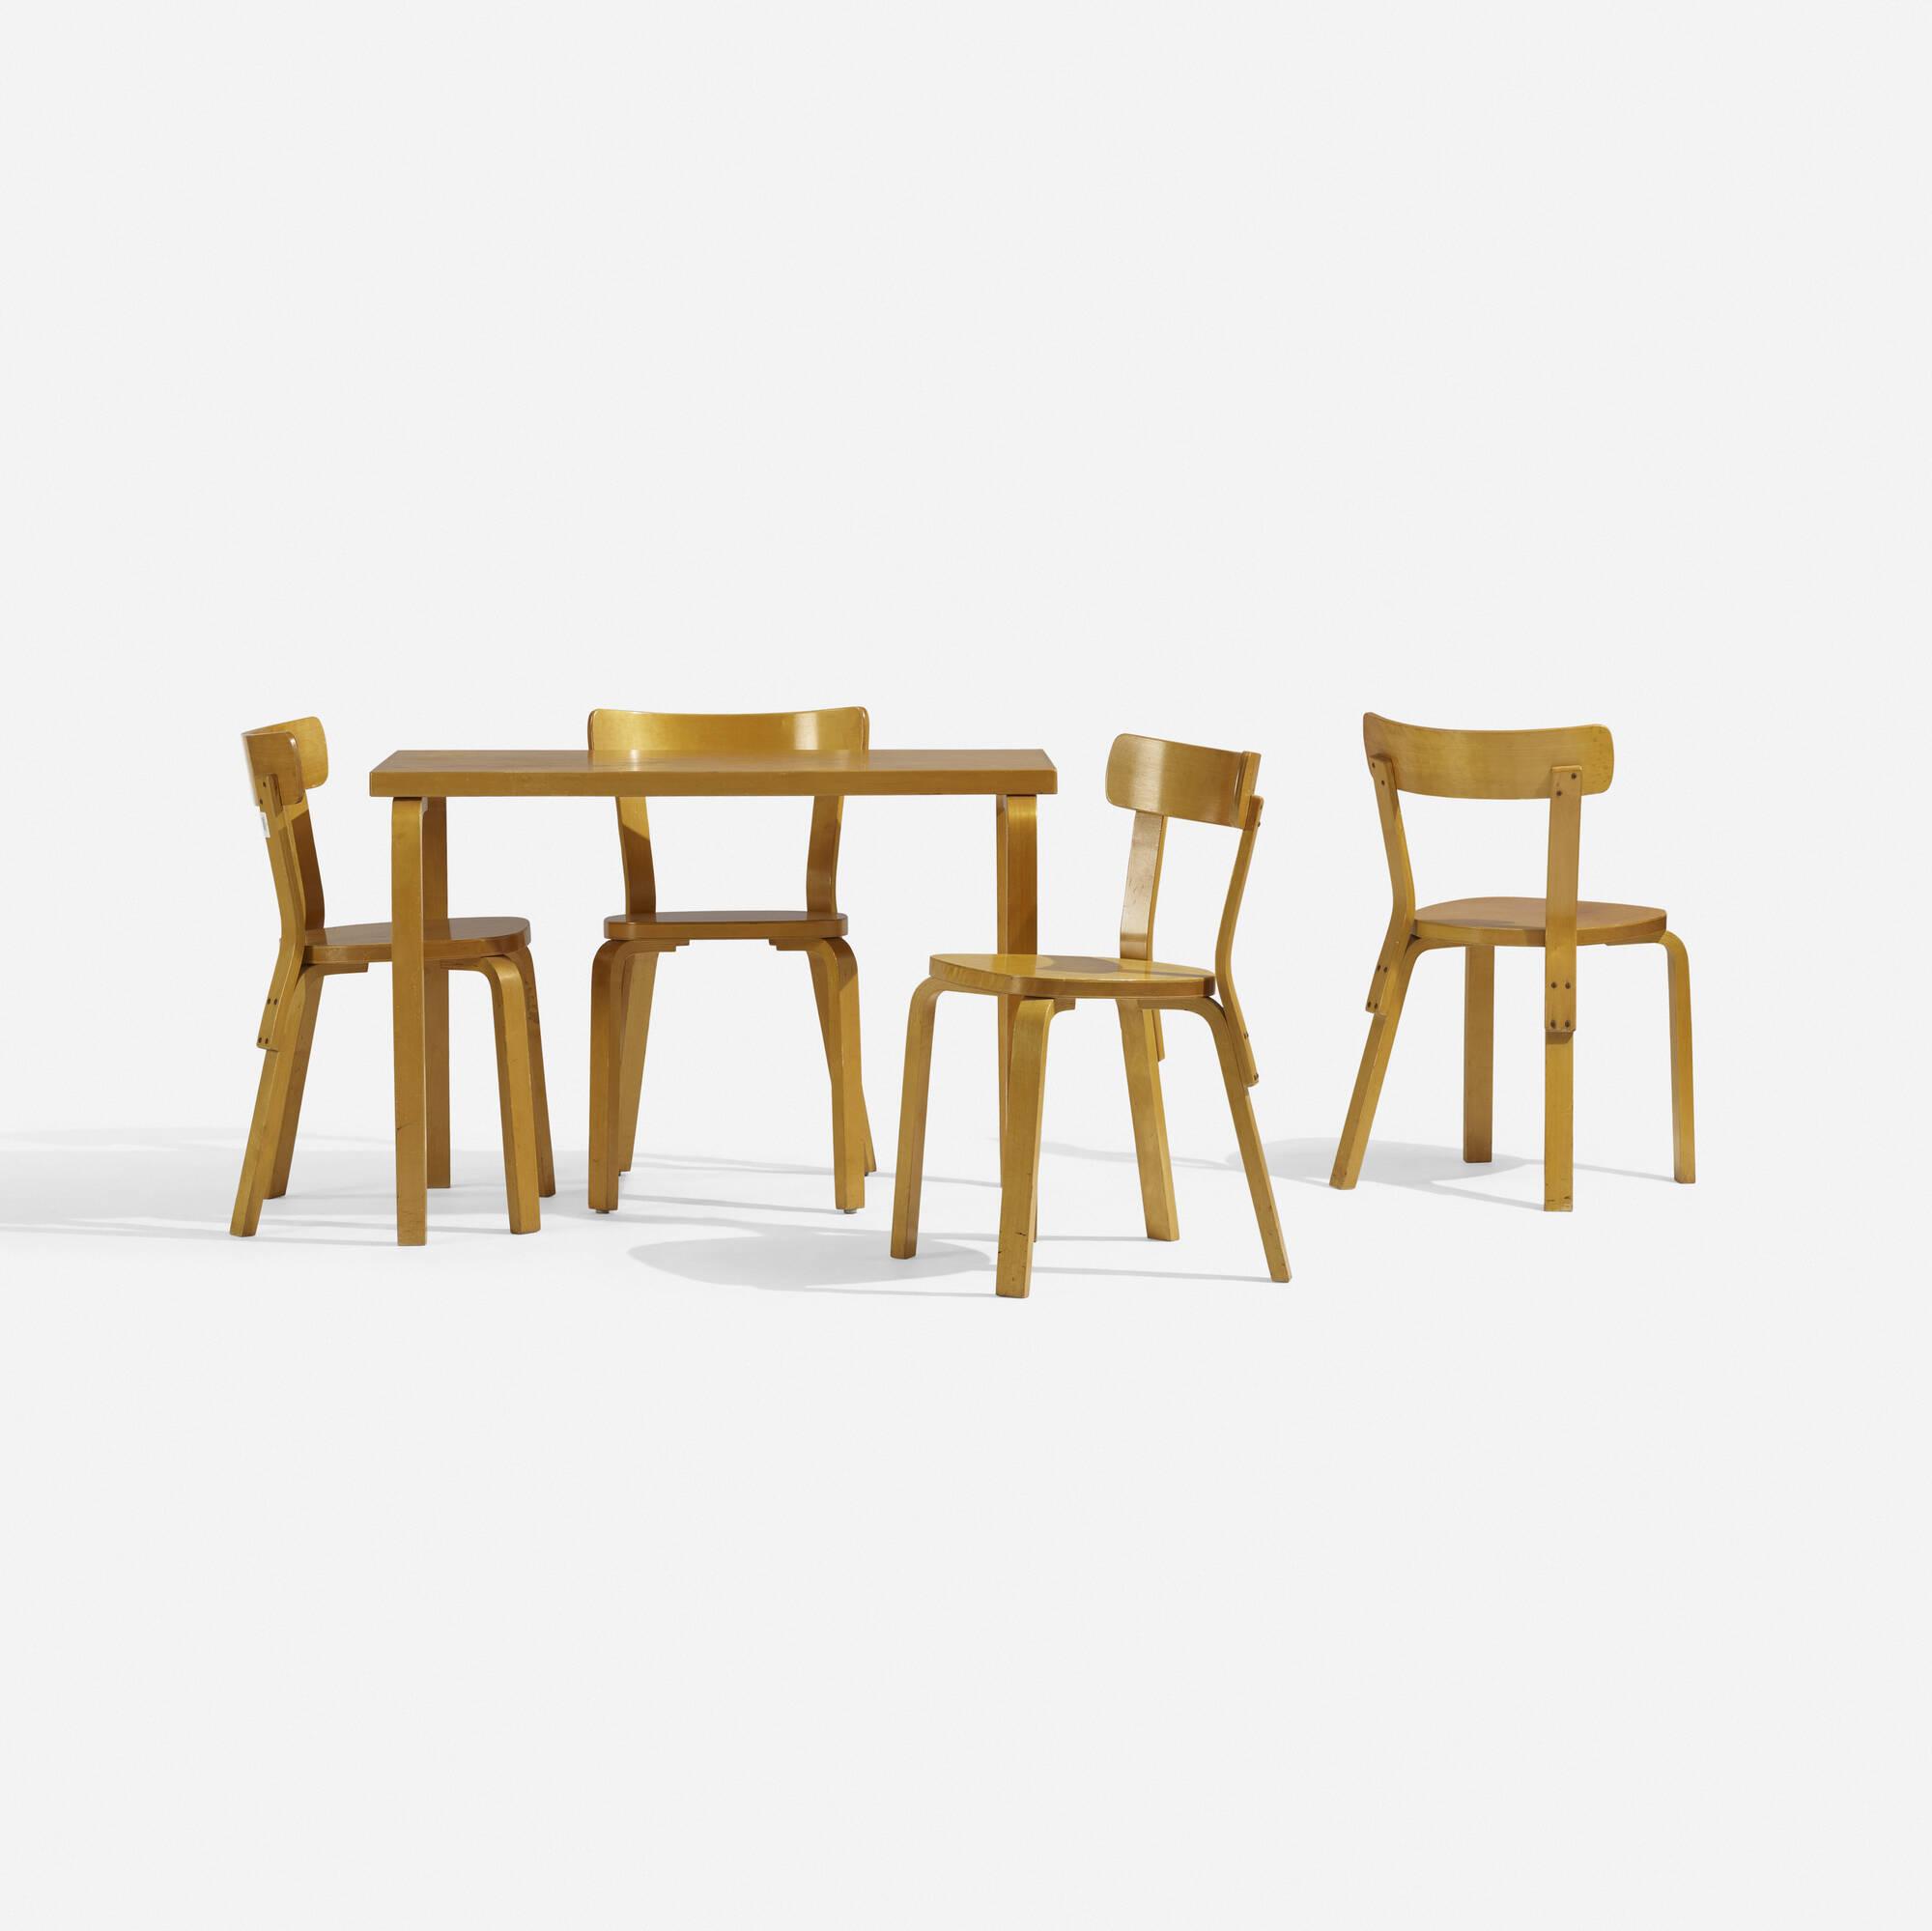 292: Alvar Aalto / L-Leg dining set (2 of 4)